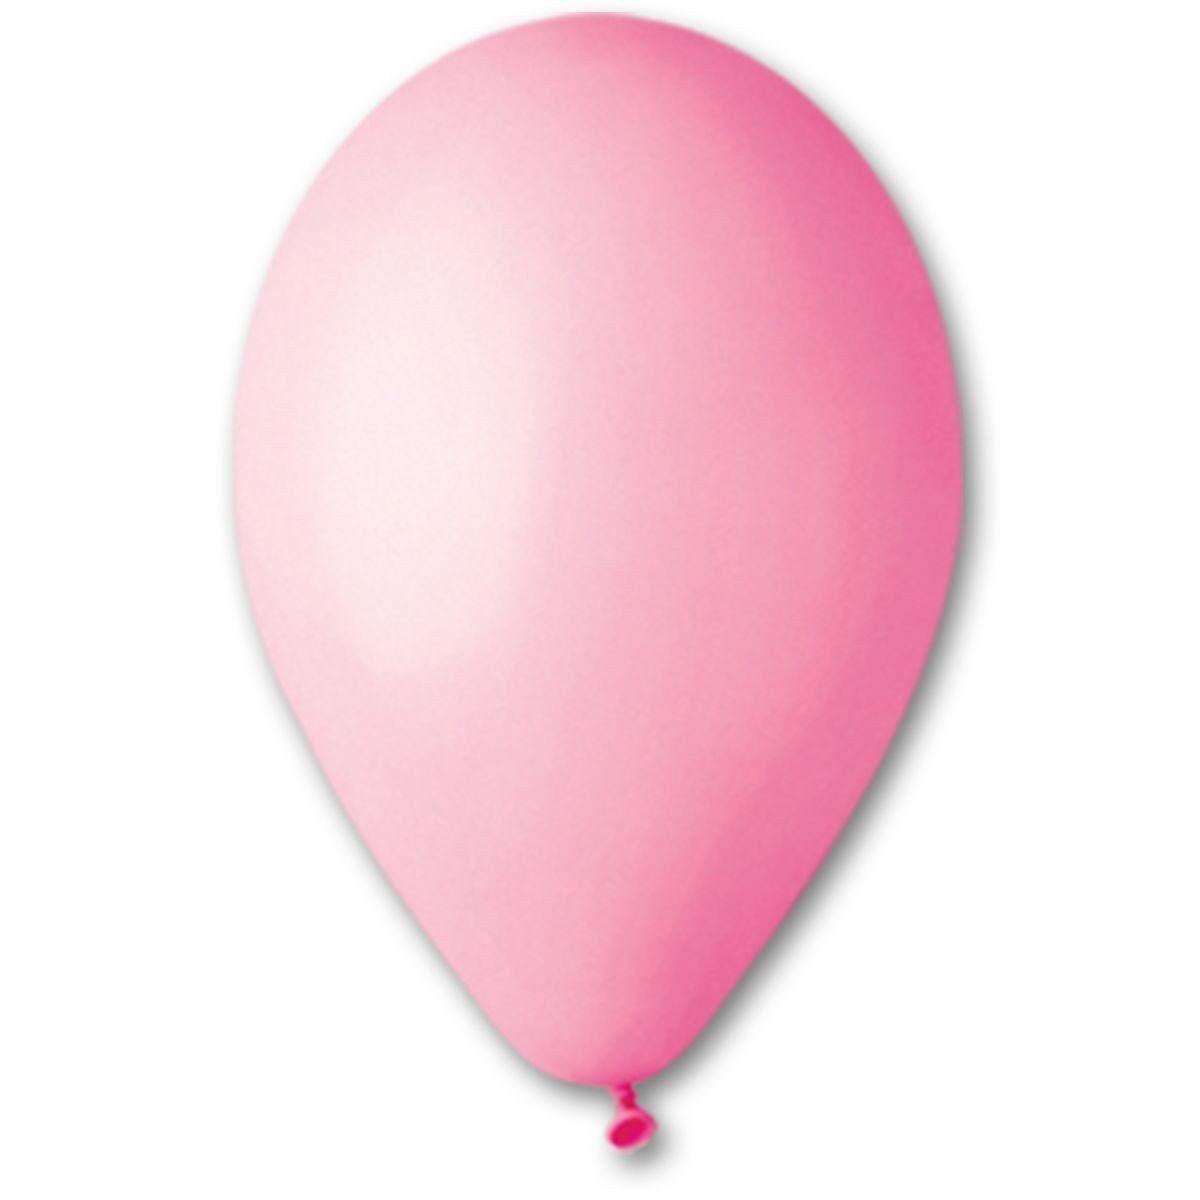 Воздушные шары GEMAR 12/06 (30см) Пастель Розовый 50шт